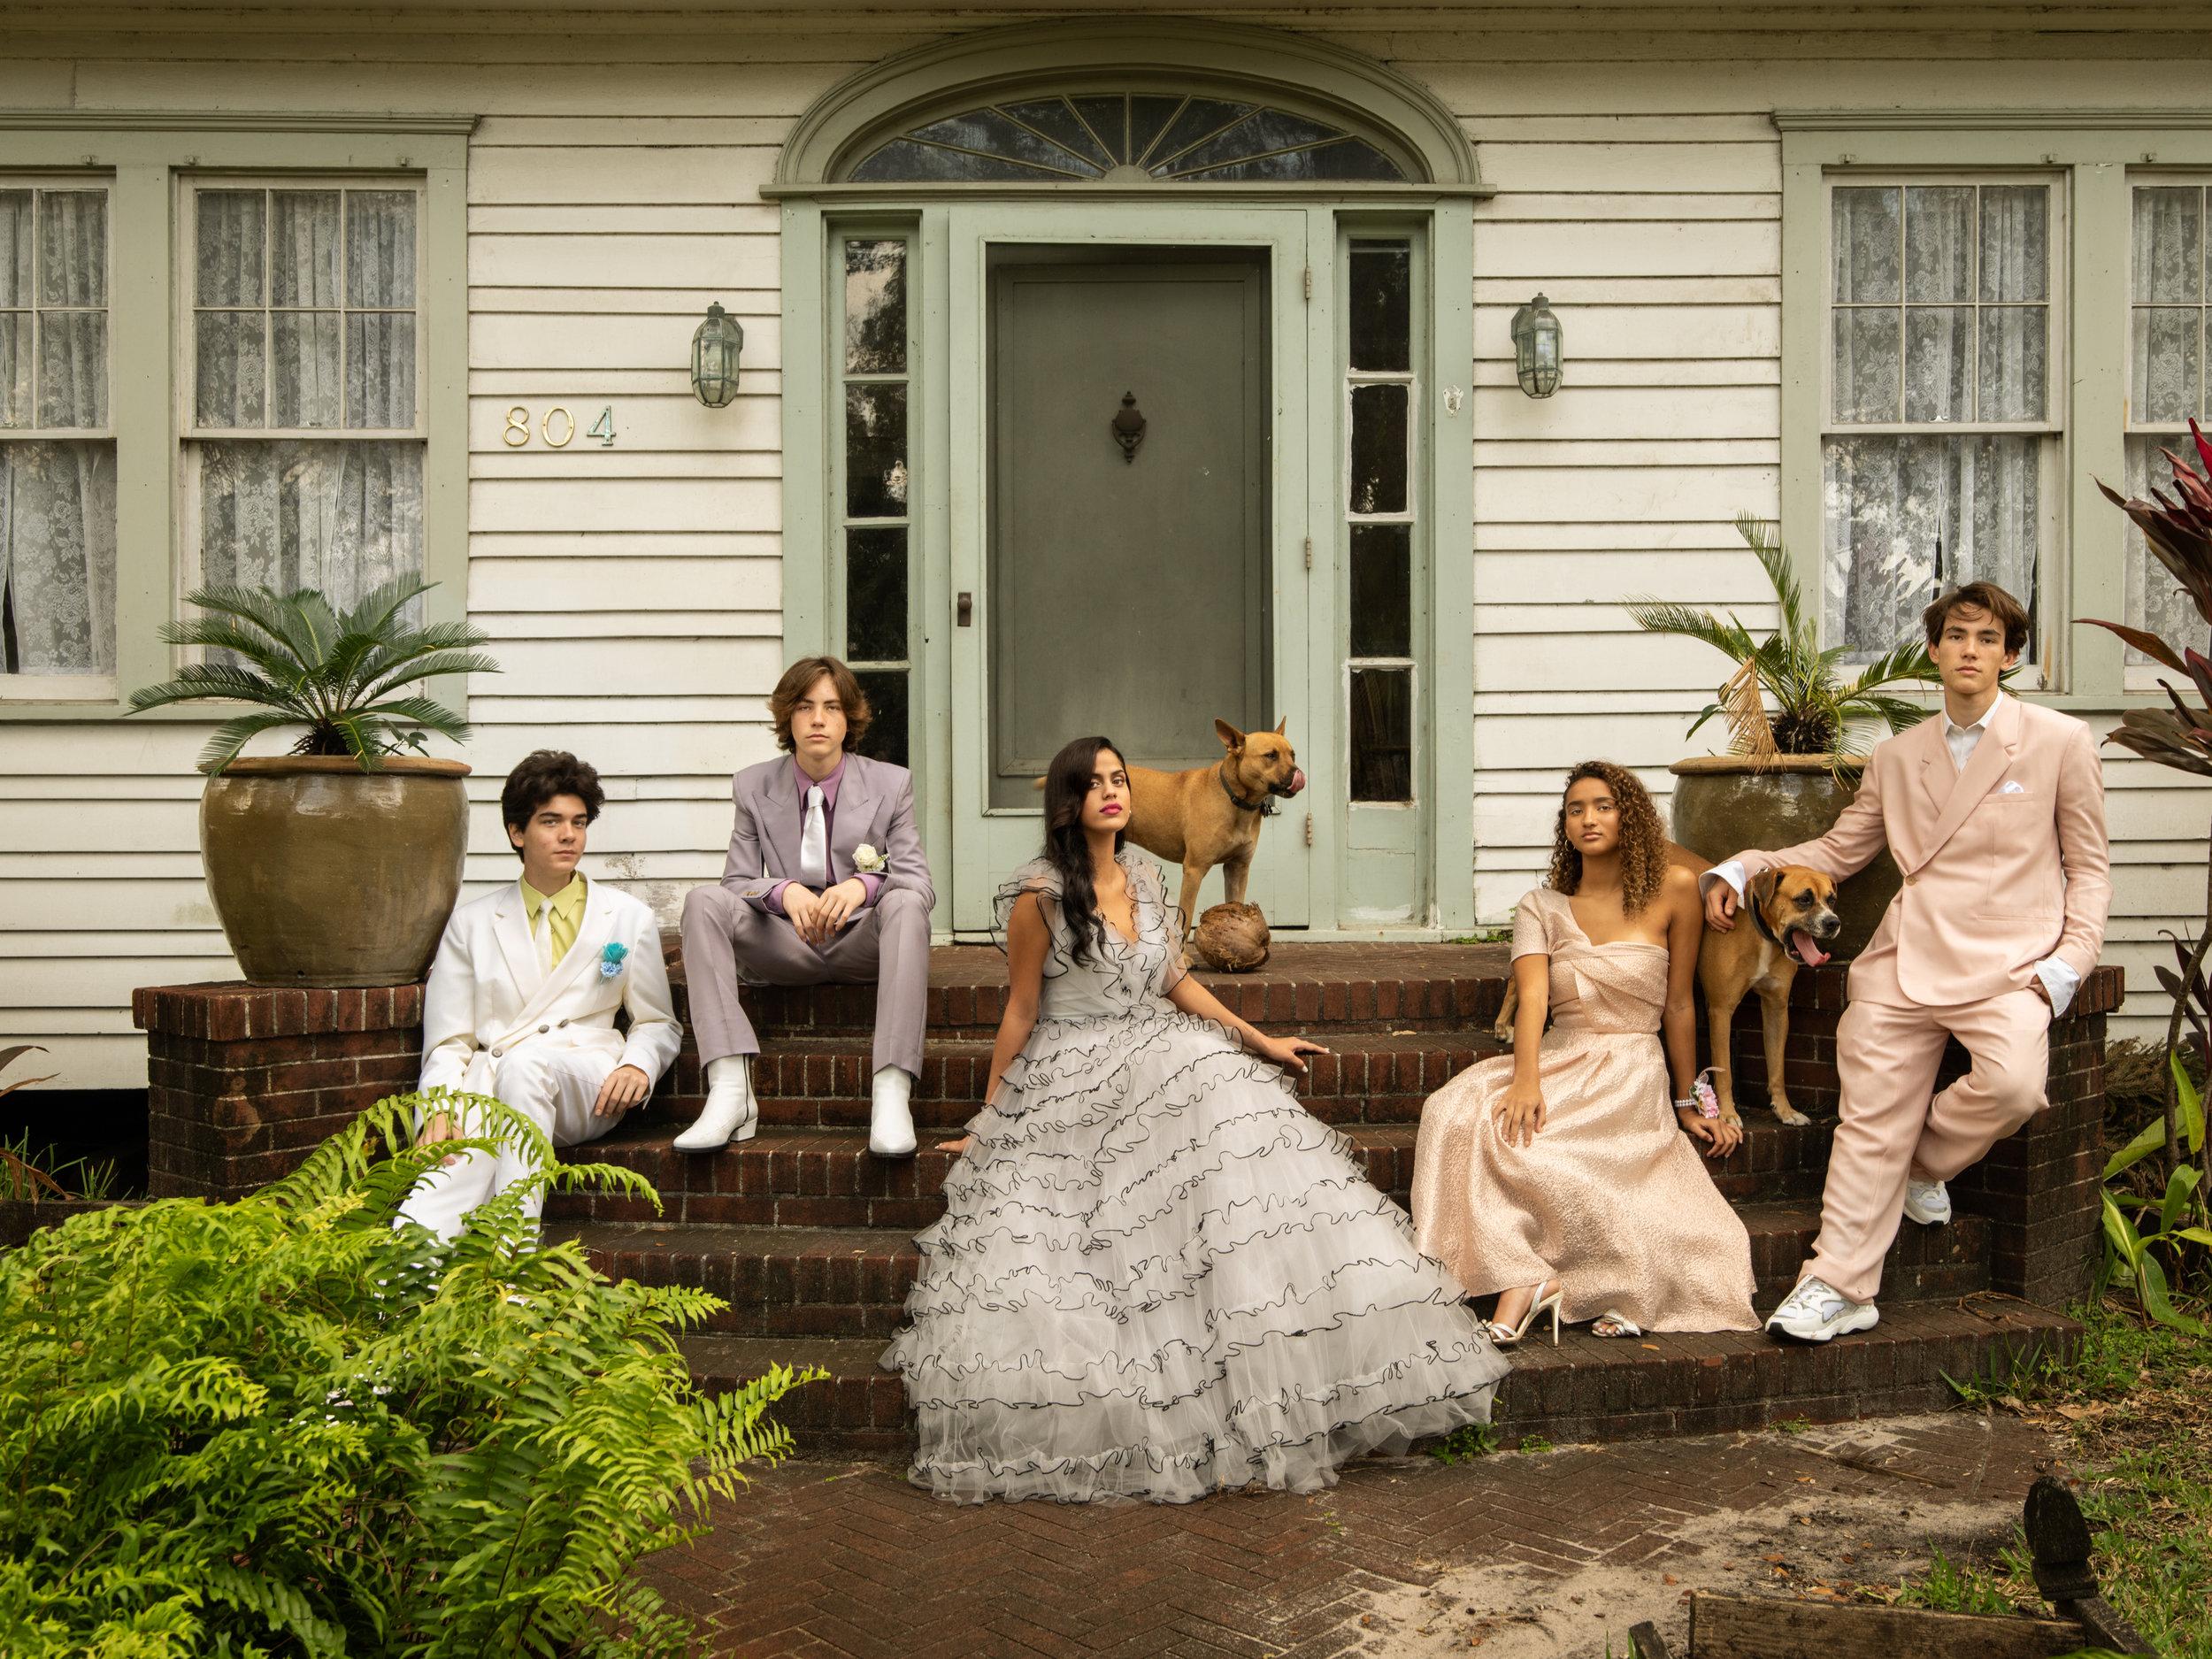 Ian, Aiden, Tatiana, Oriana, and Liam / Interview Magazine